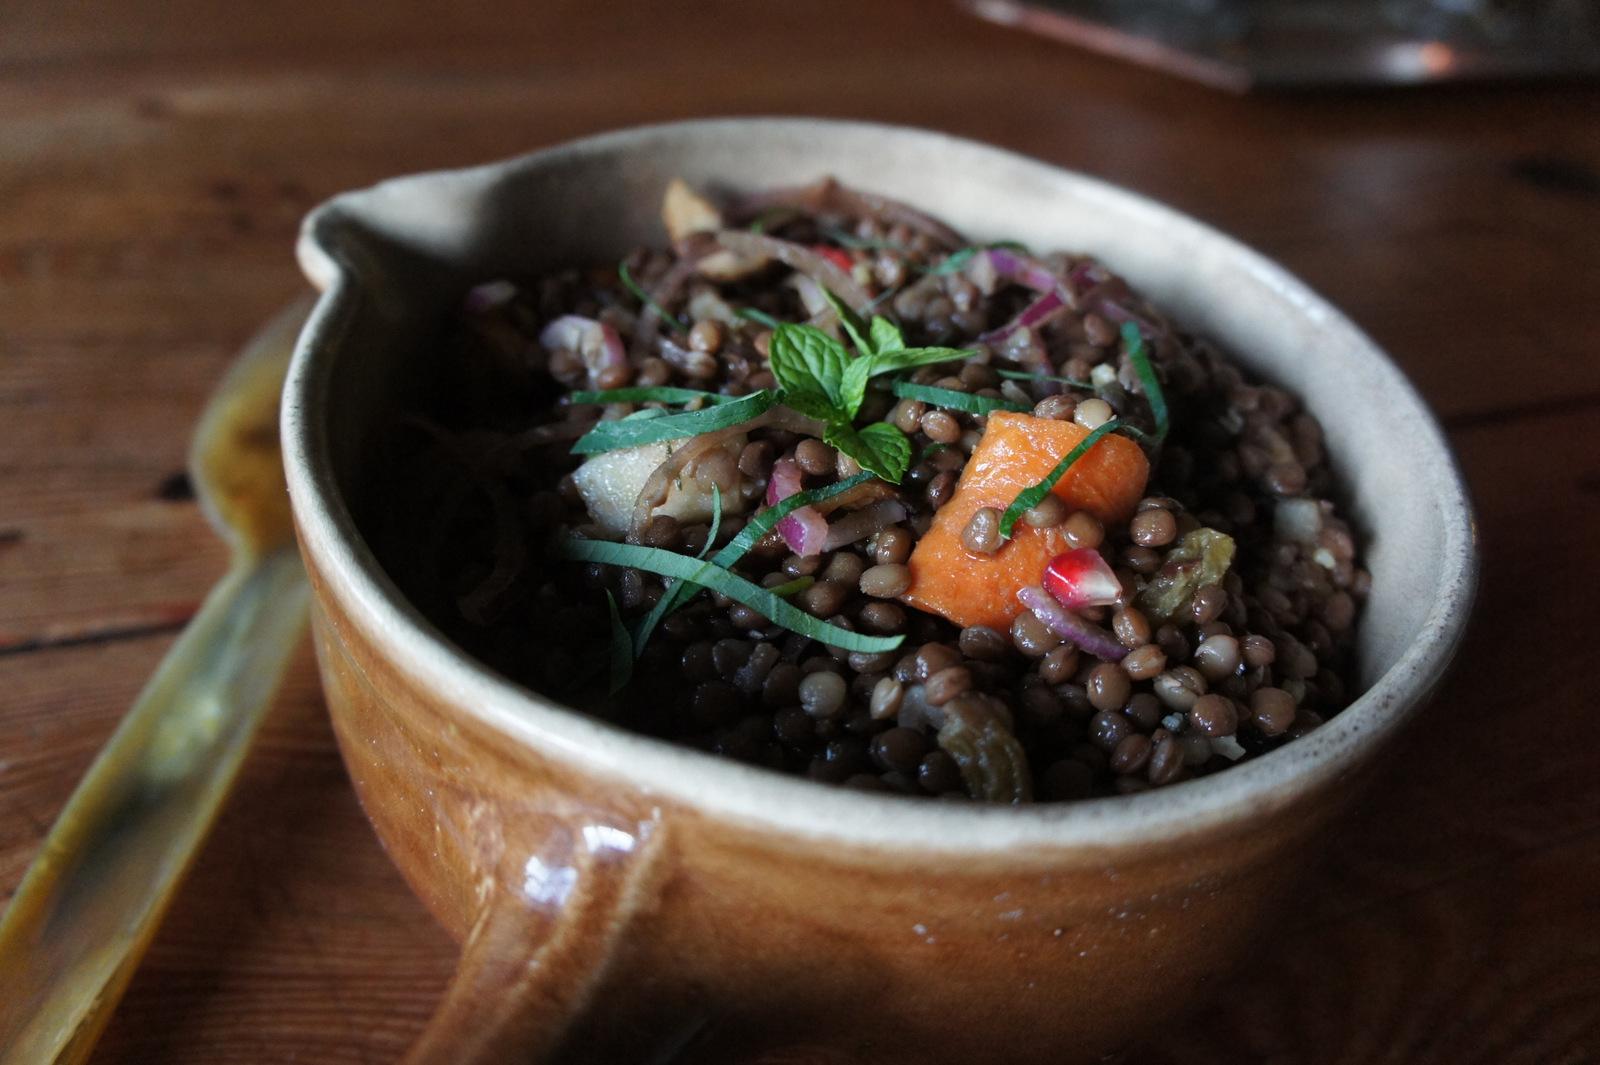 Cold vegan lentil salad